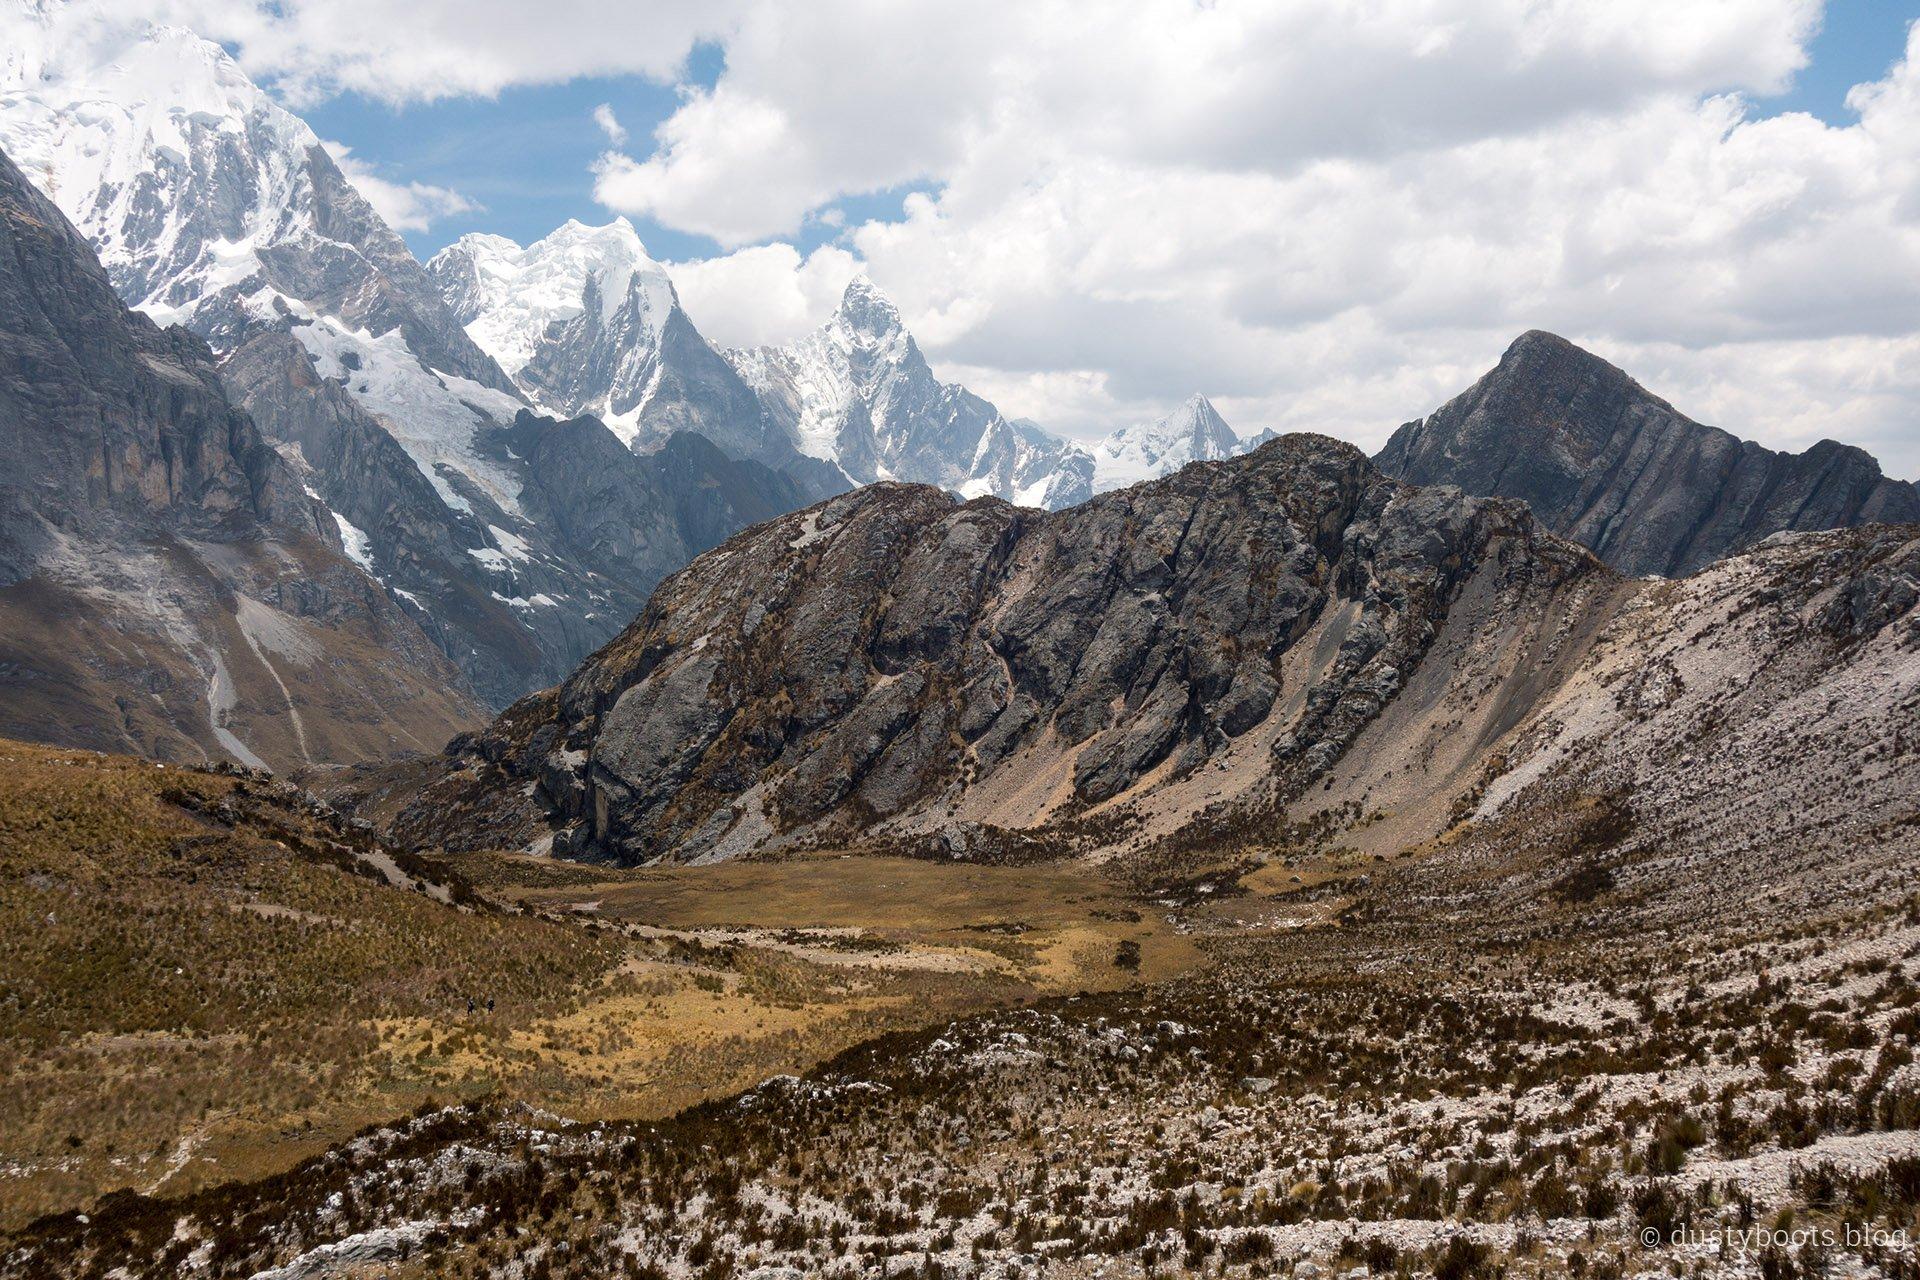 Tag 4: Aufstieg zum Siula Pass